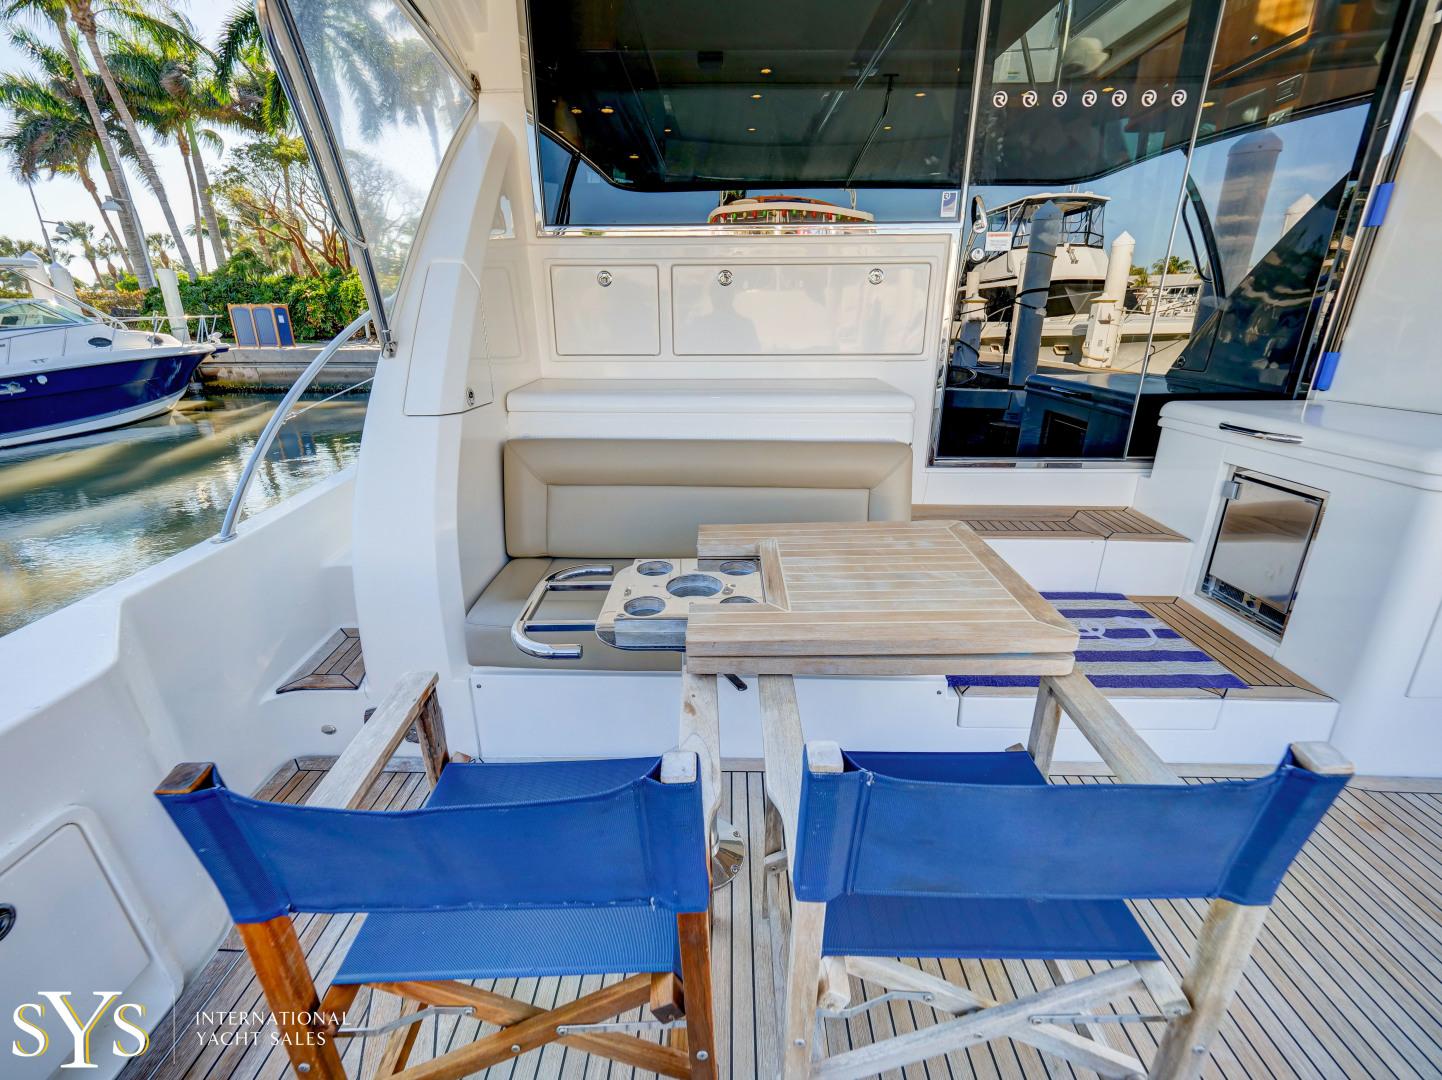 Riviera-Flybridge 2016-Firefly Captiva-Florida-United States-1633642 | Thumbnail